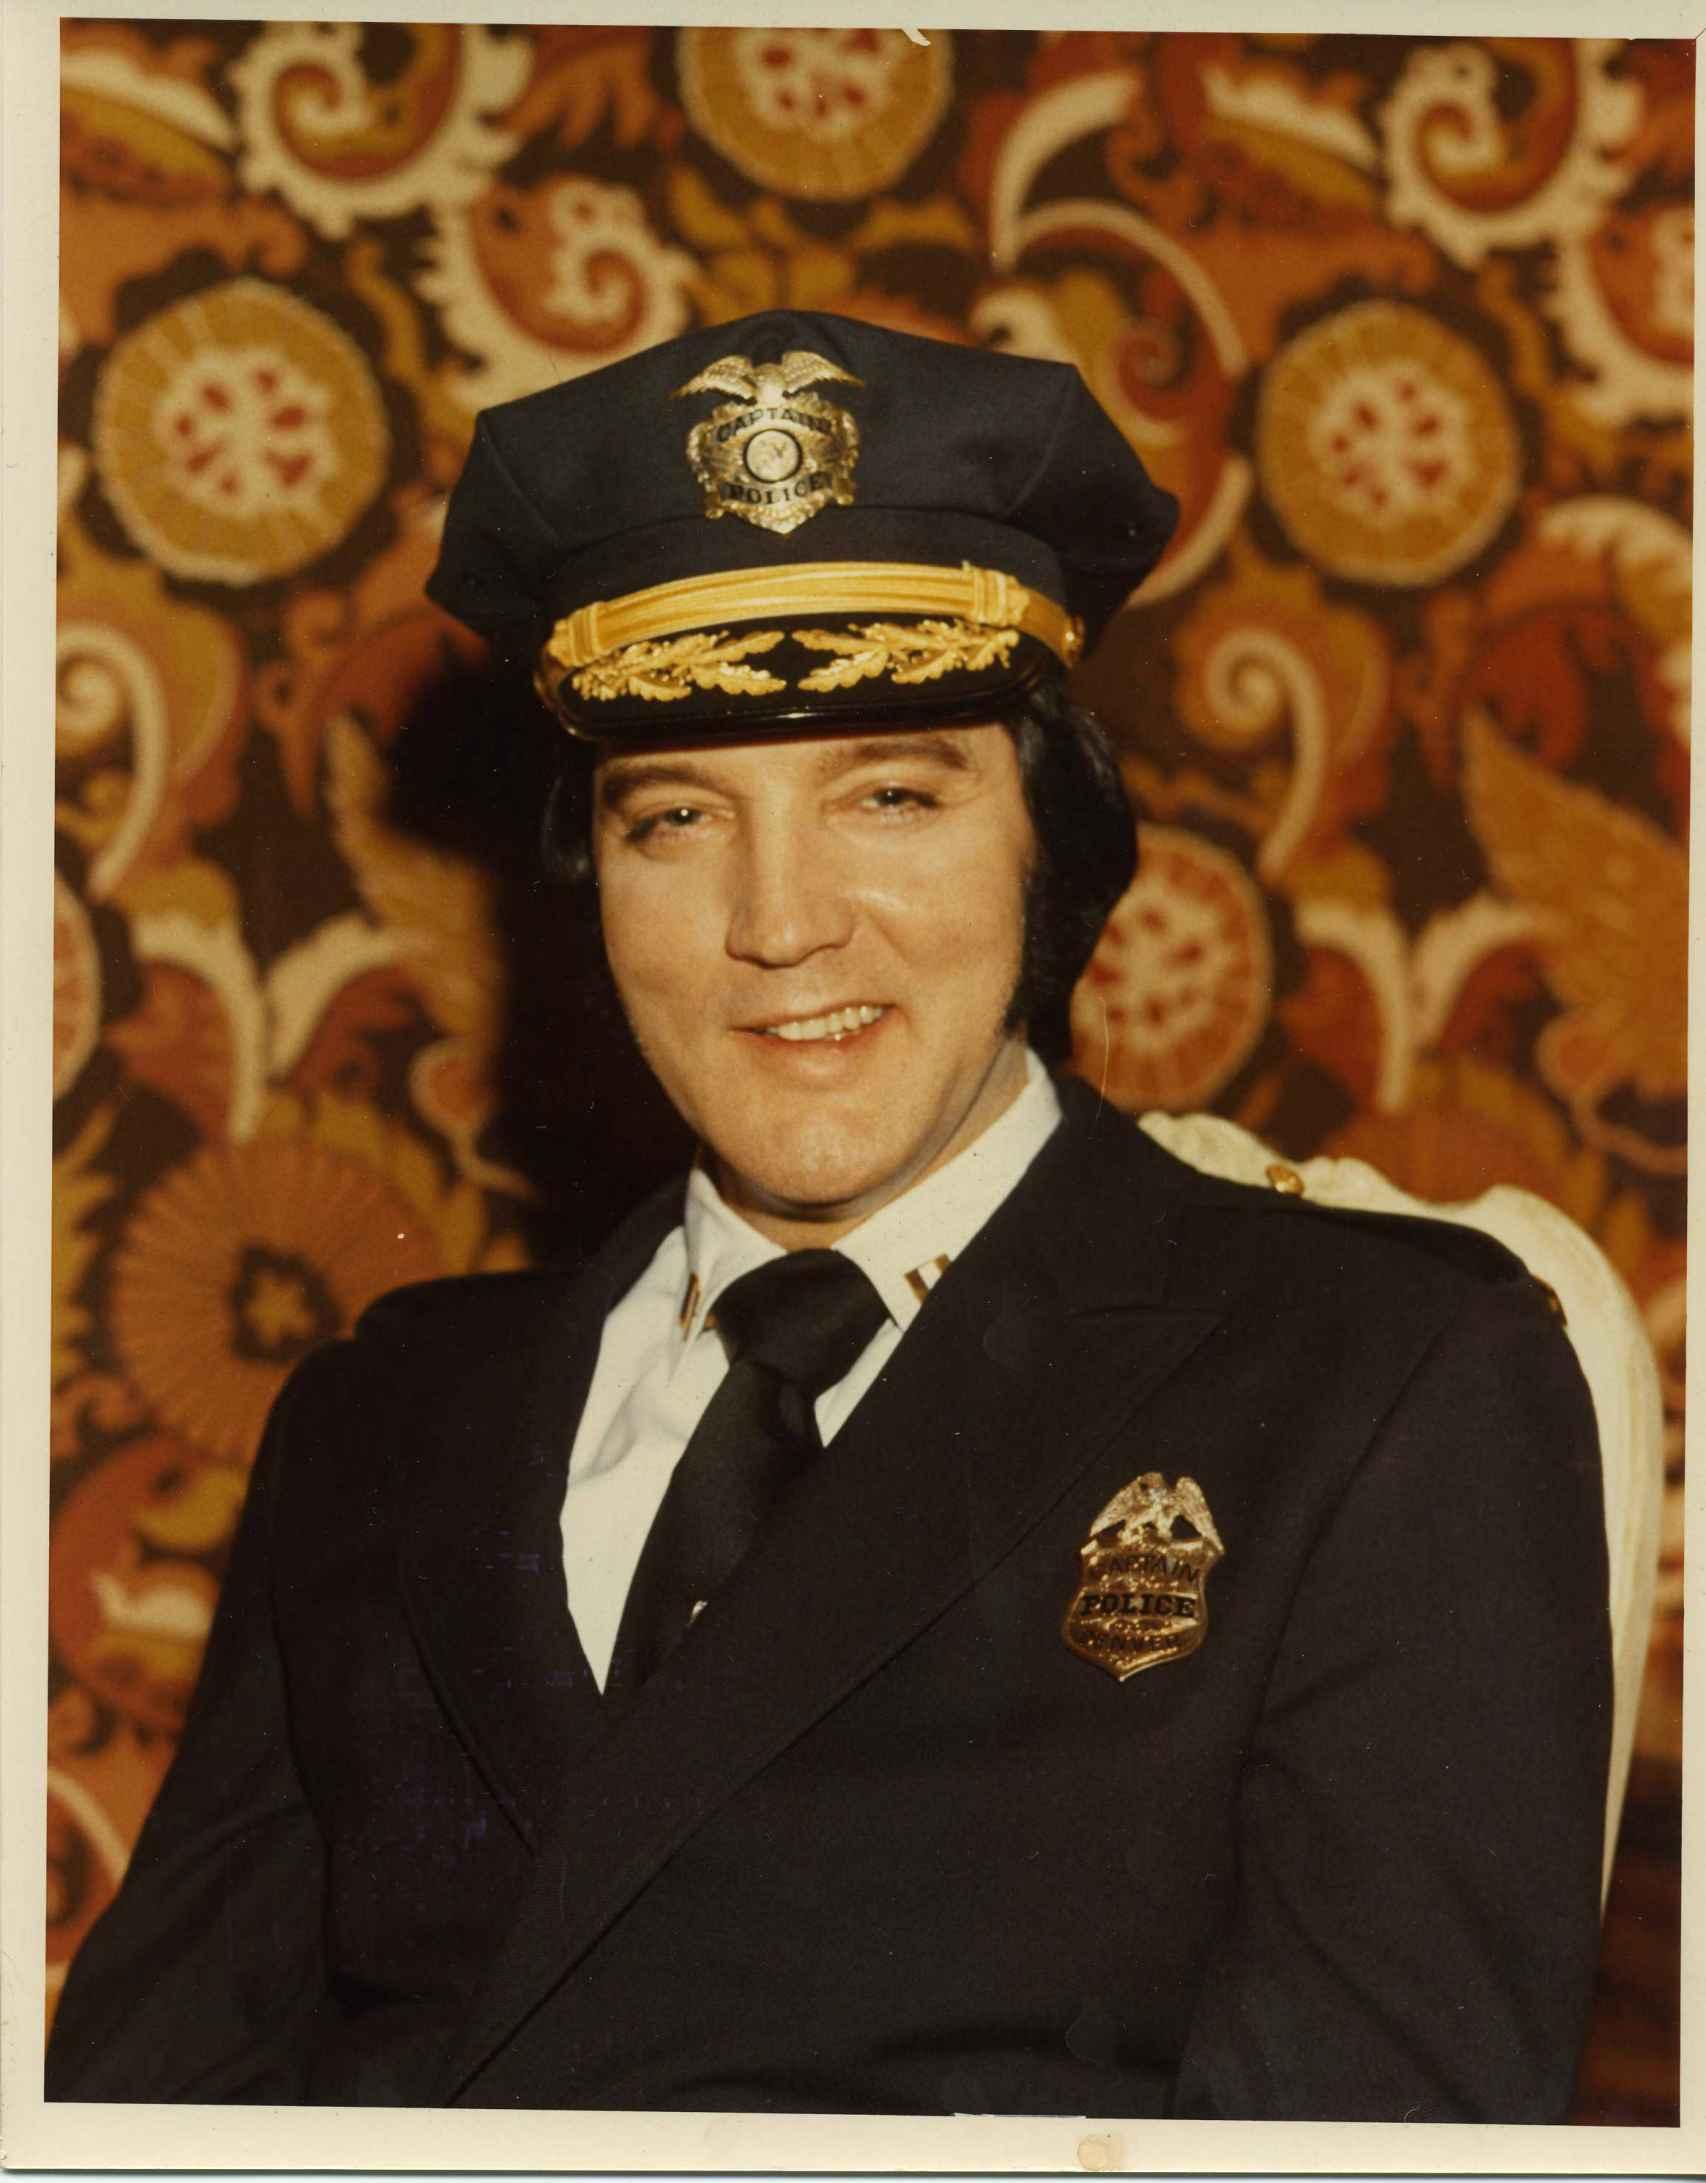 Elvis con su placa de policía de la ciudad de Denver.